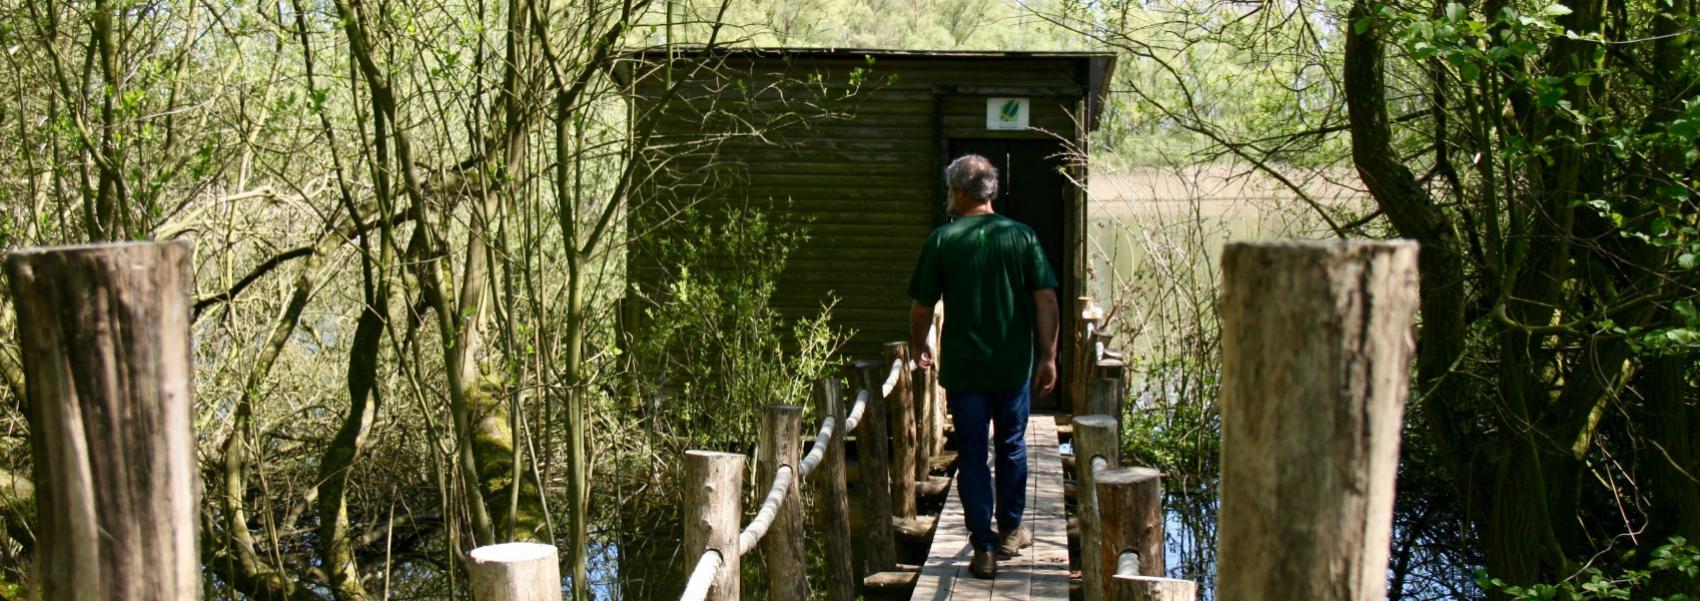 wandelaar op houten brug naar kijkhut